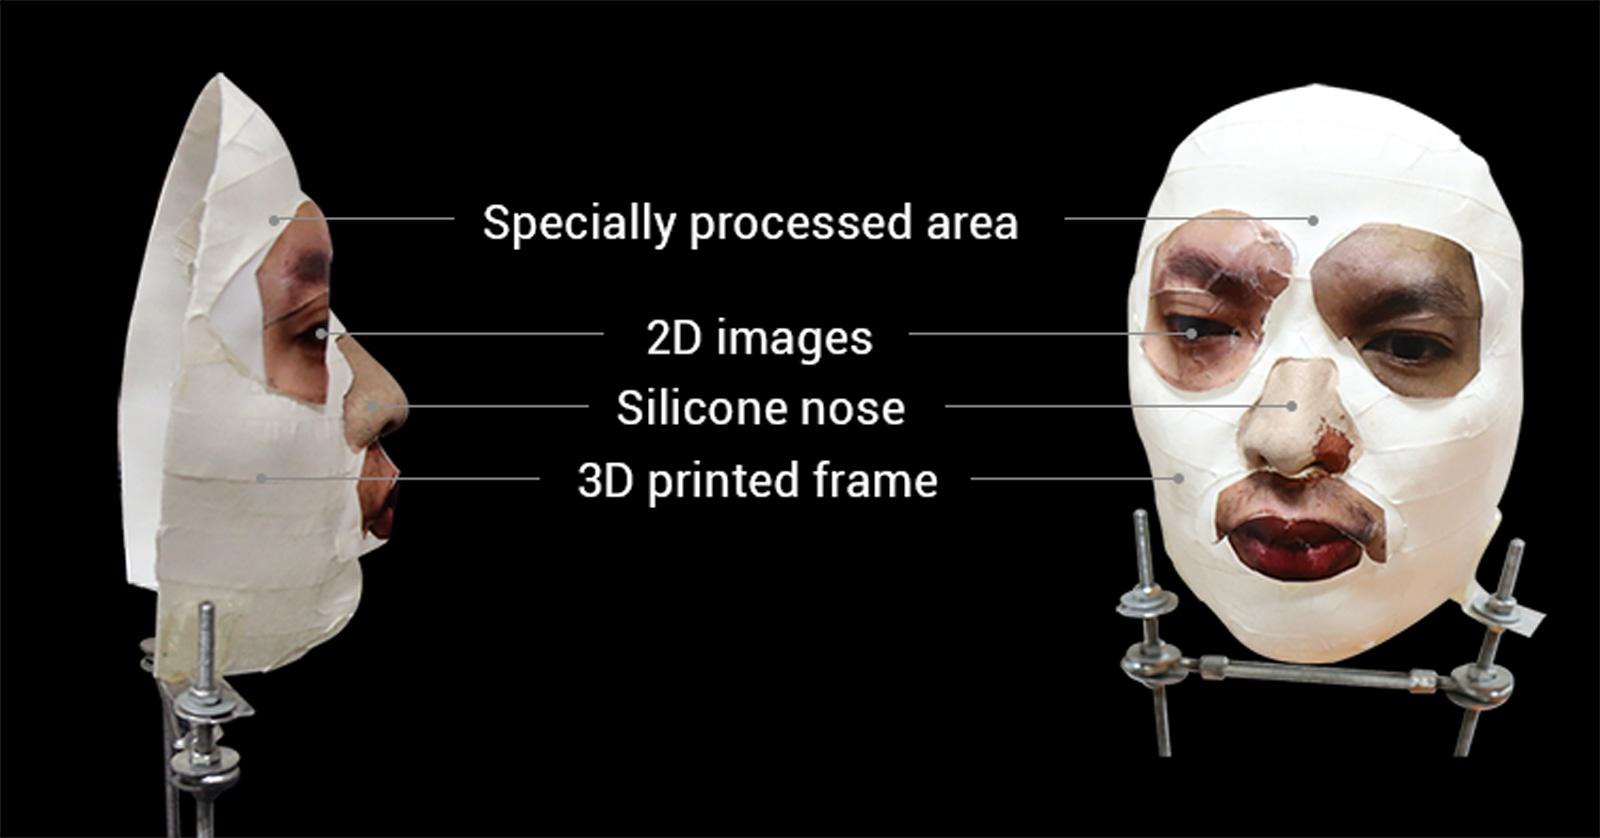 فریب سیستم تشخیص چهره آیفون ایکس با یک نقاب